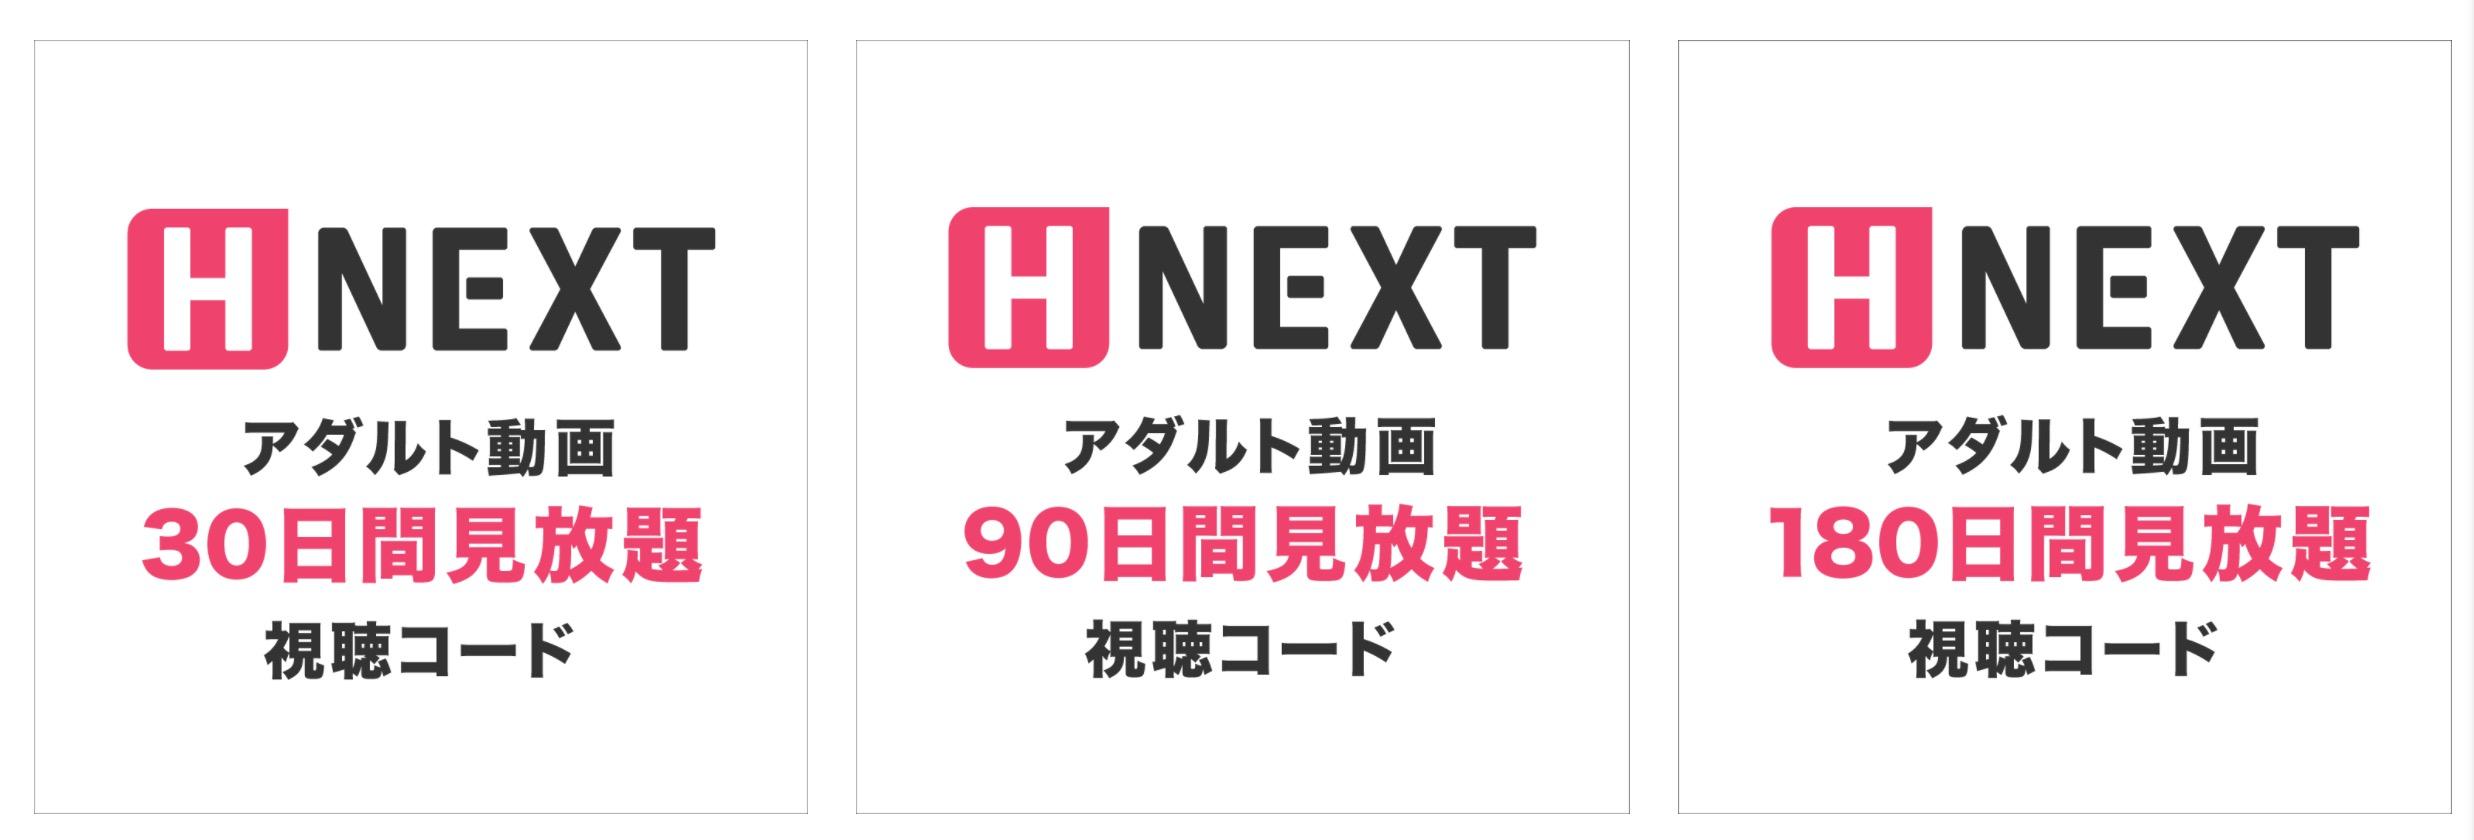 H-NEXT 料金